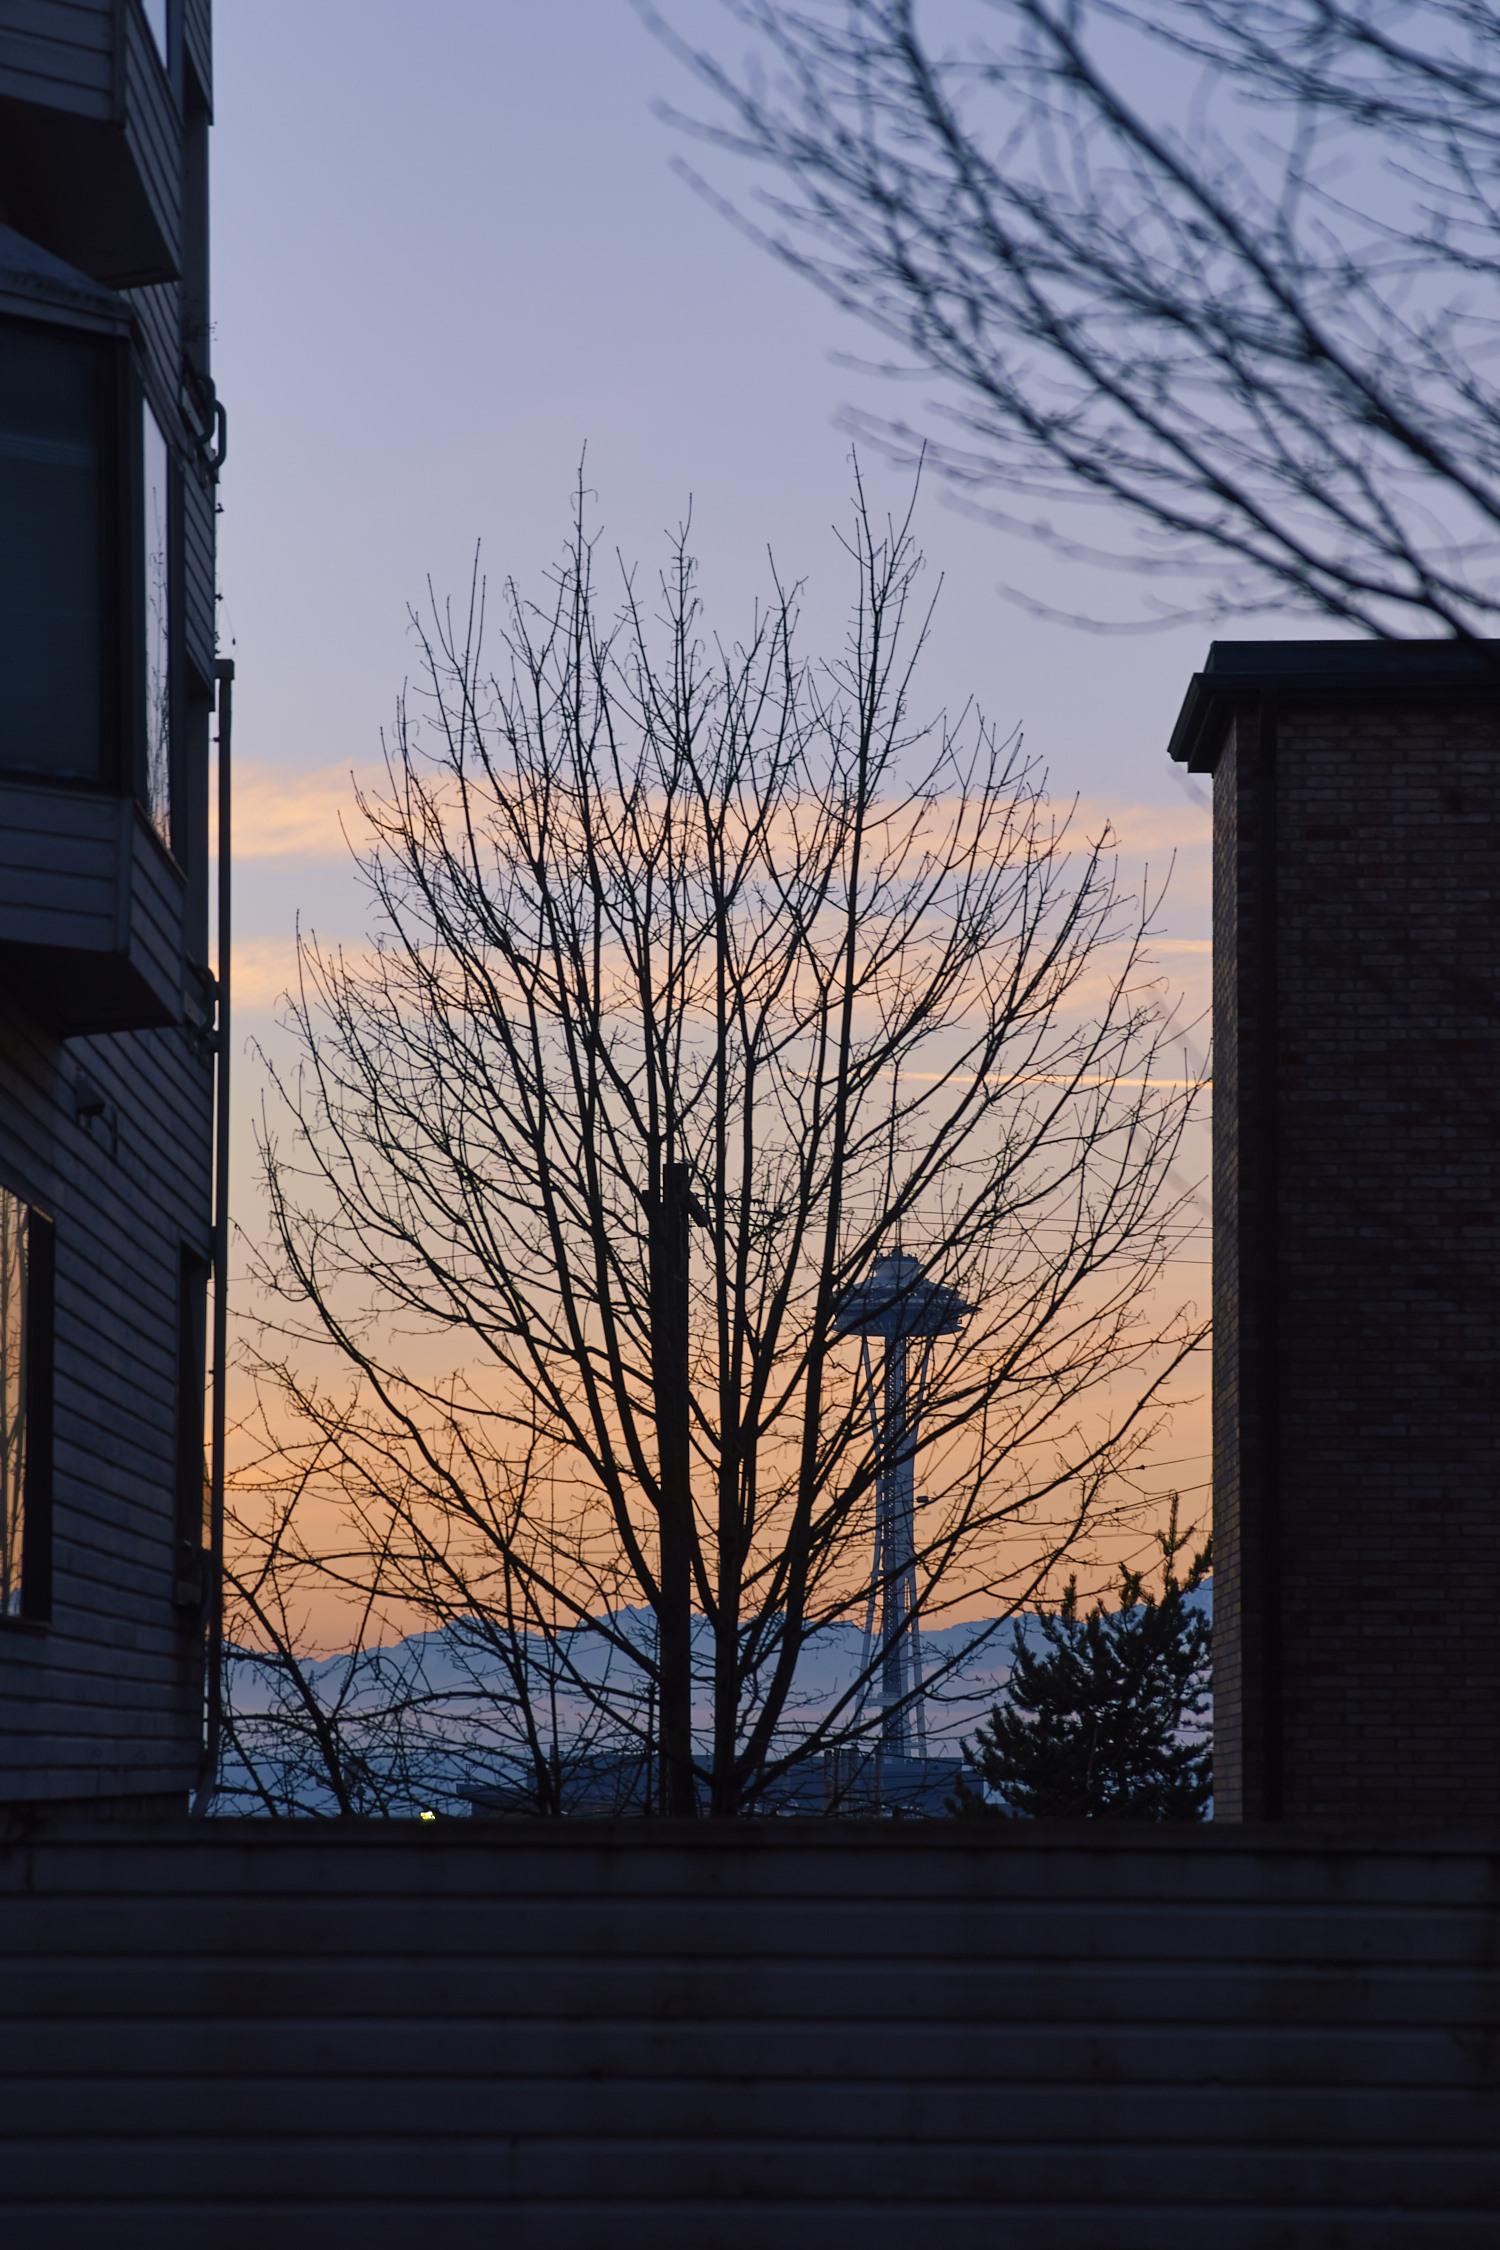 冬天街景, 冷冷的色調